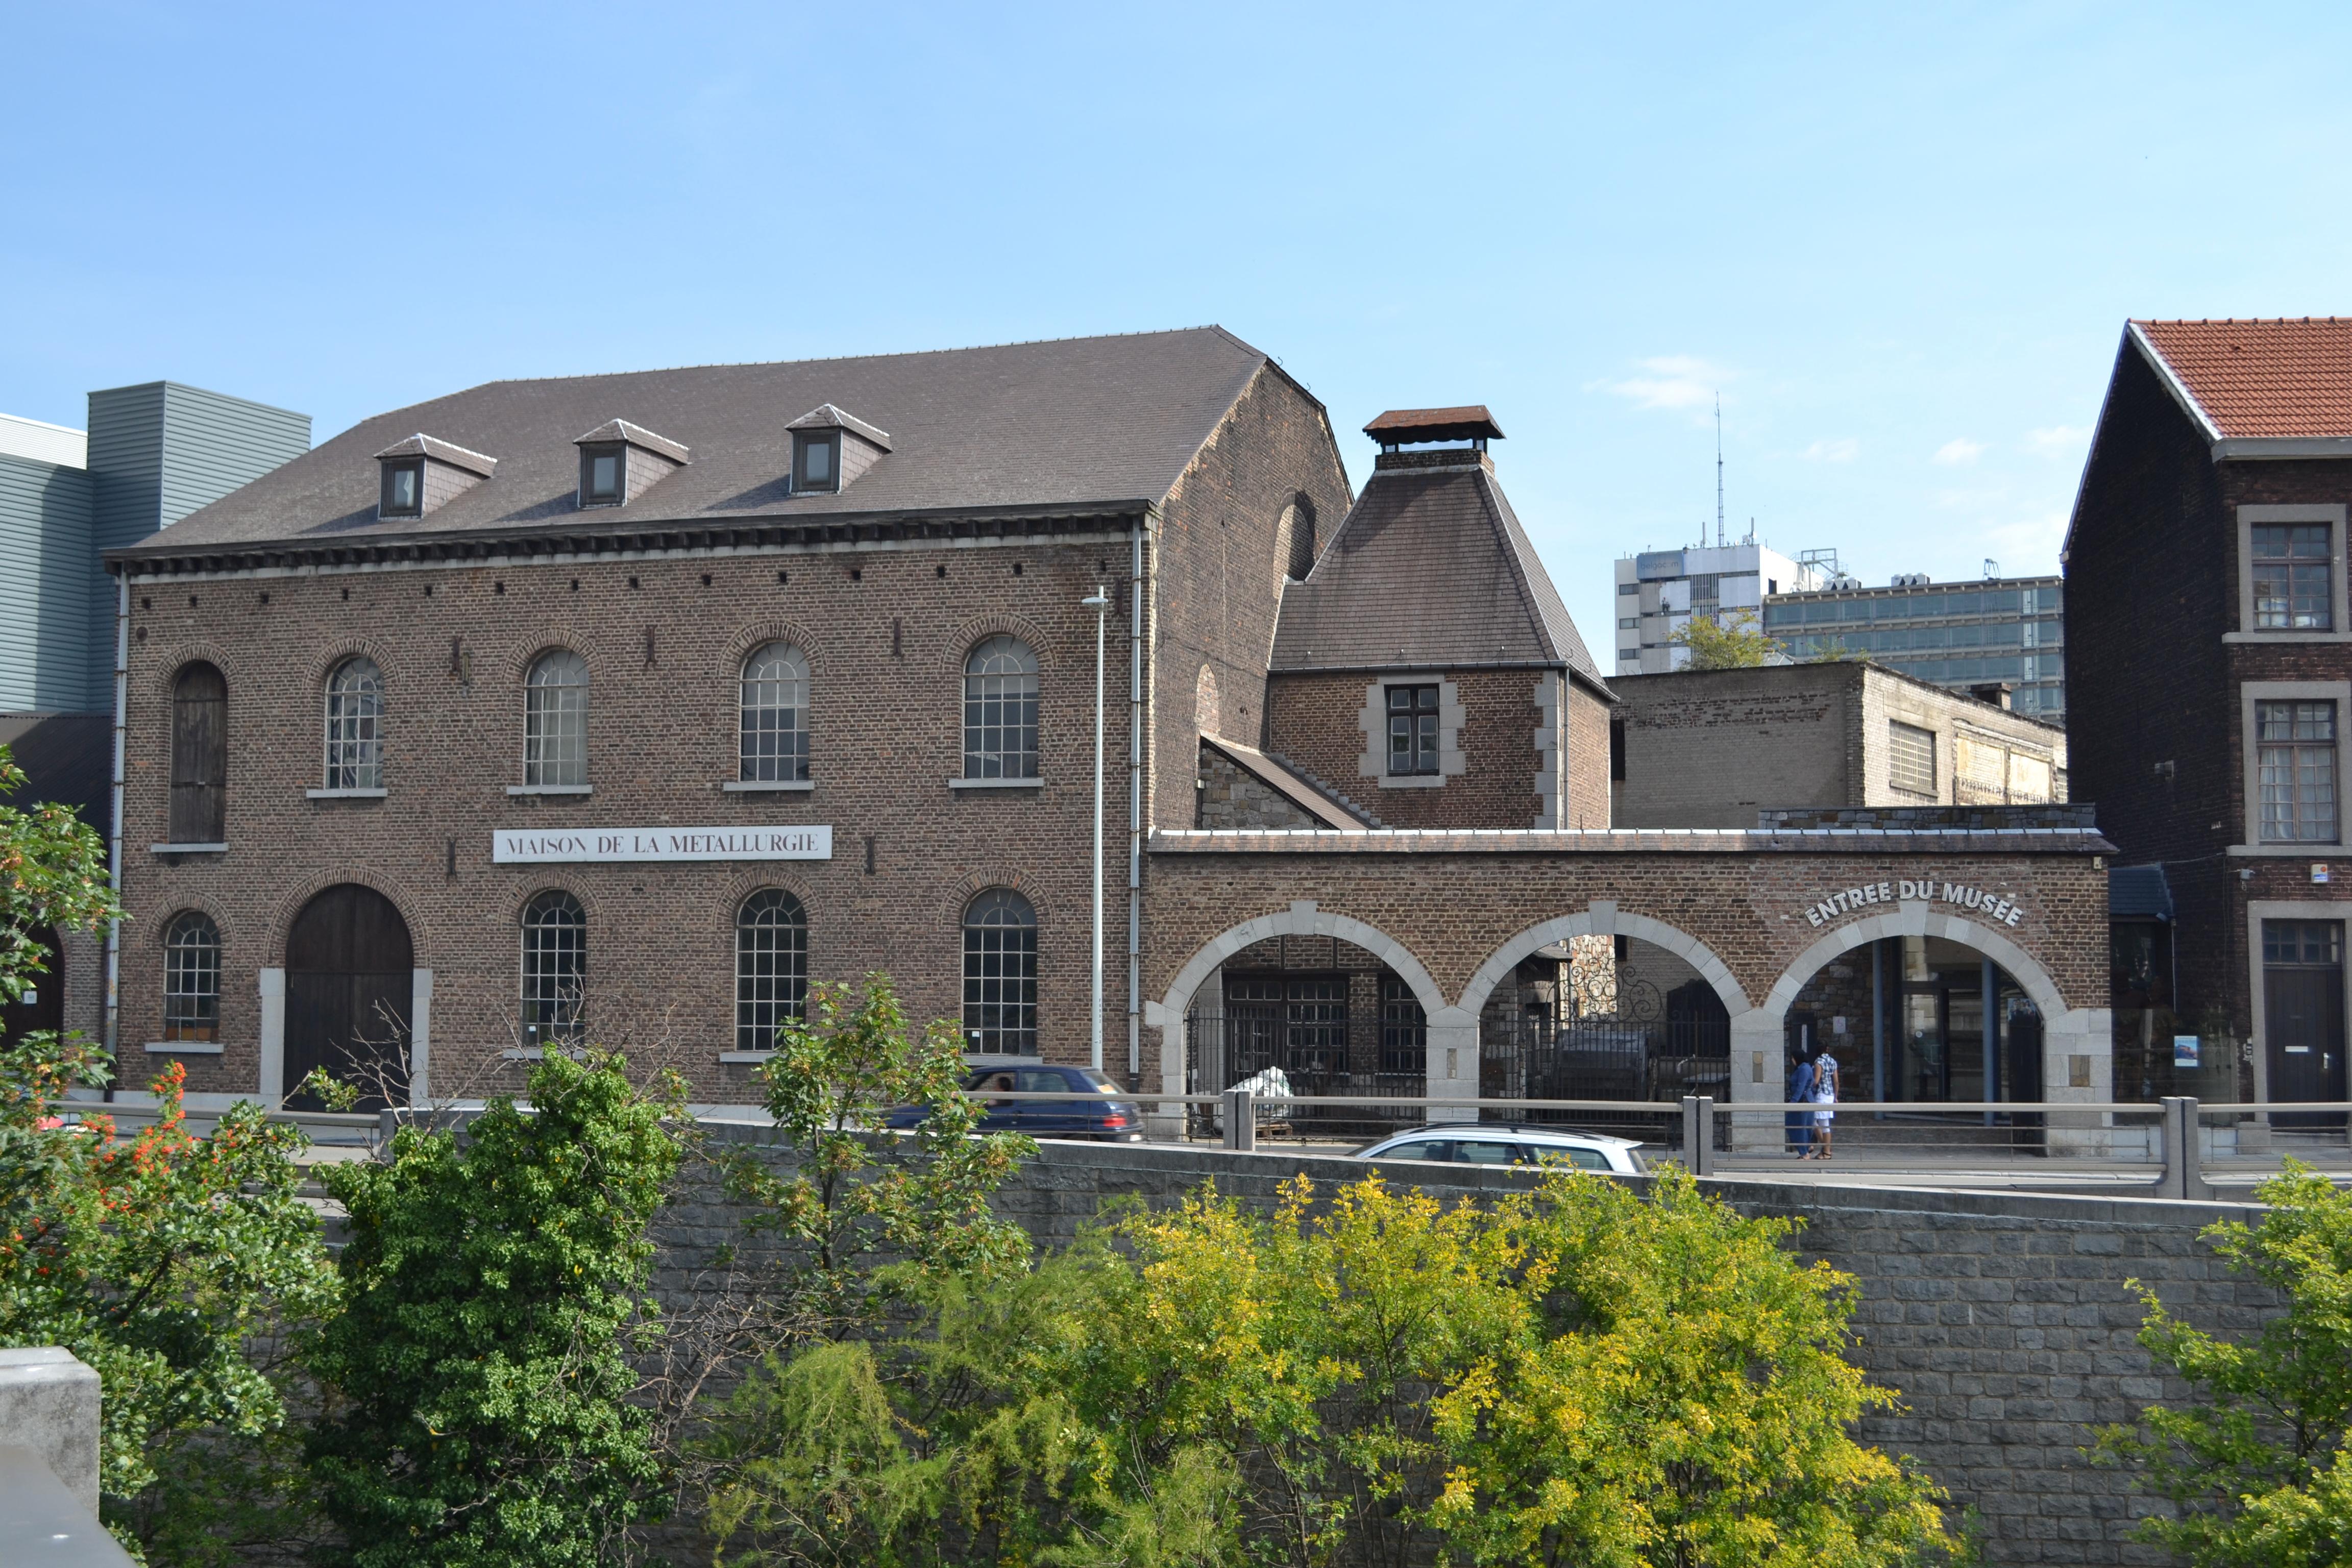 Musée de la métallurgie et de l'industrie - MMIL - Liège - Vue de la façade